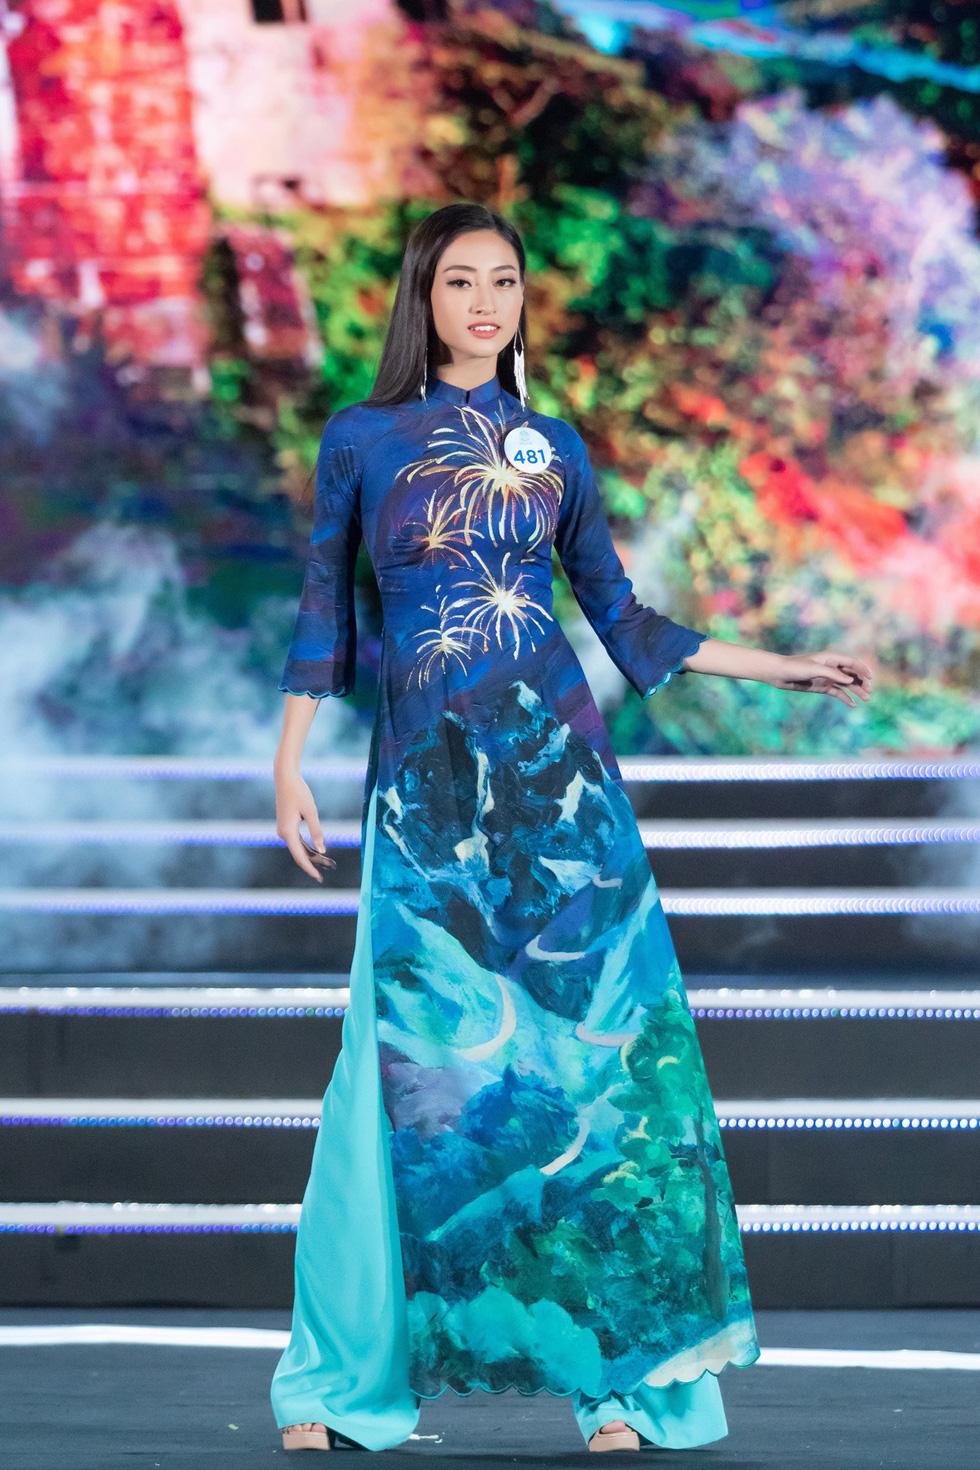 Hoa hậu Lương Thùy Linh: Nữ sinh ngoại thương giỏi Toán, IELTS 7.5 - Ảnh 15.